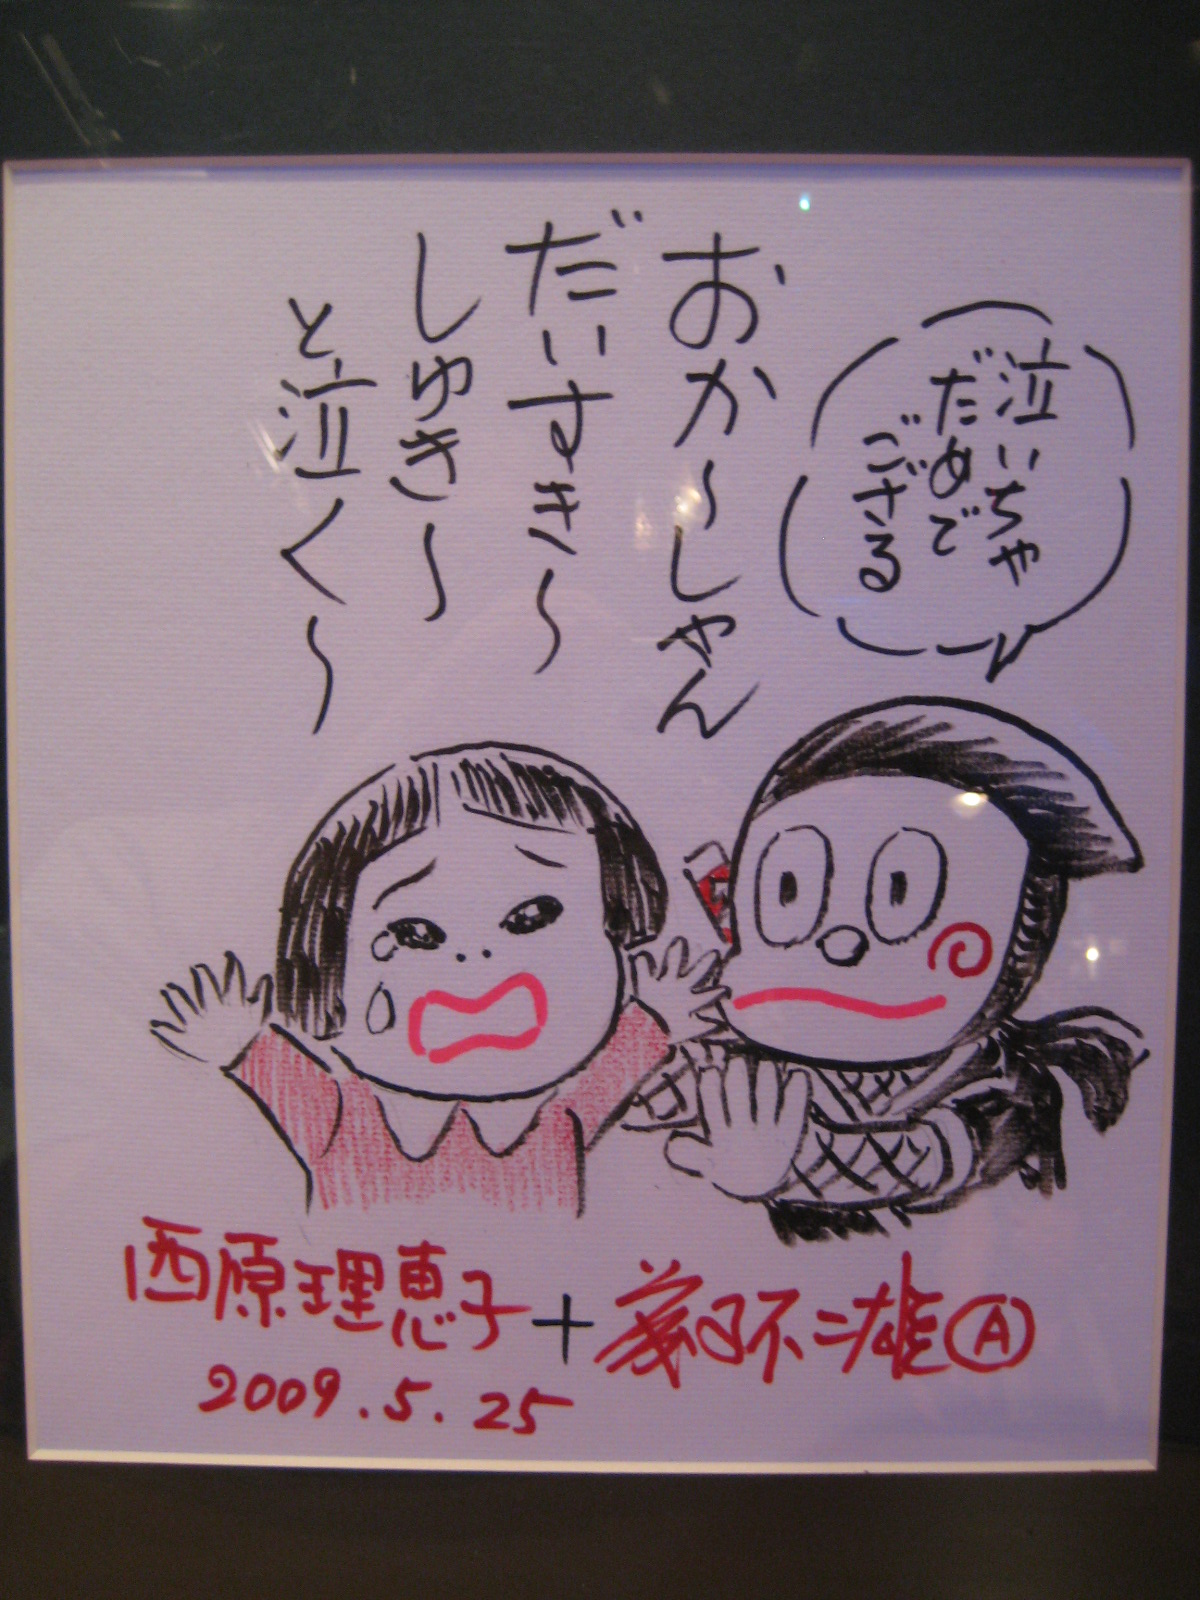 藤子不二雄A先生筆/西原さんへ贈られたイラスト